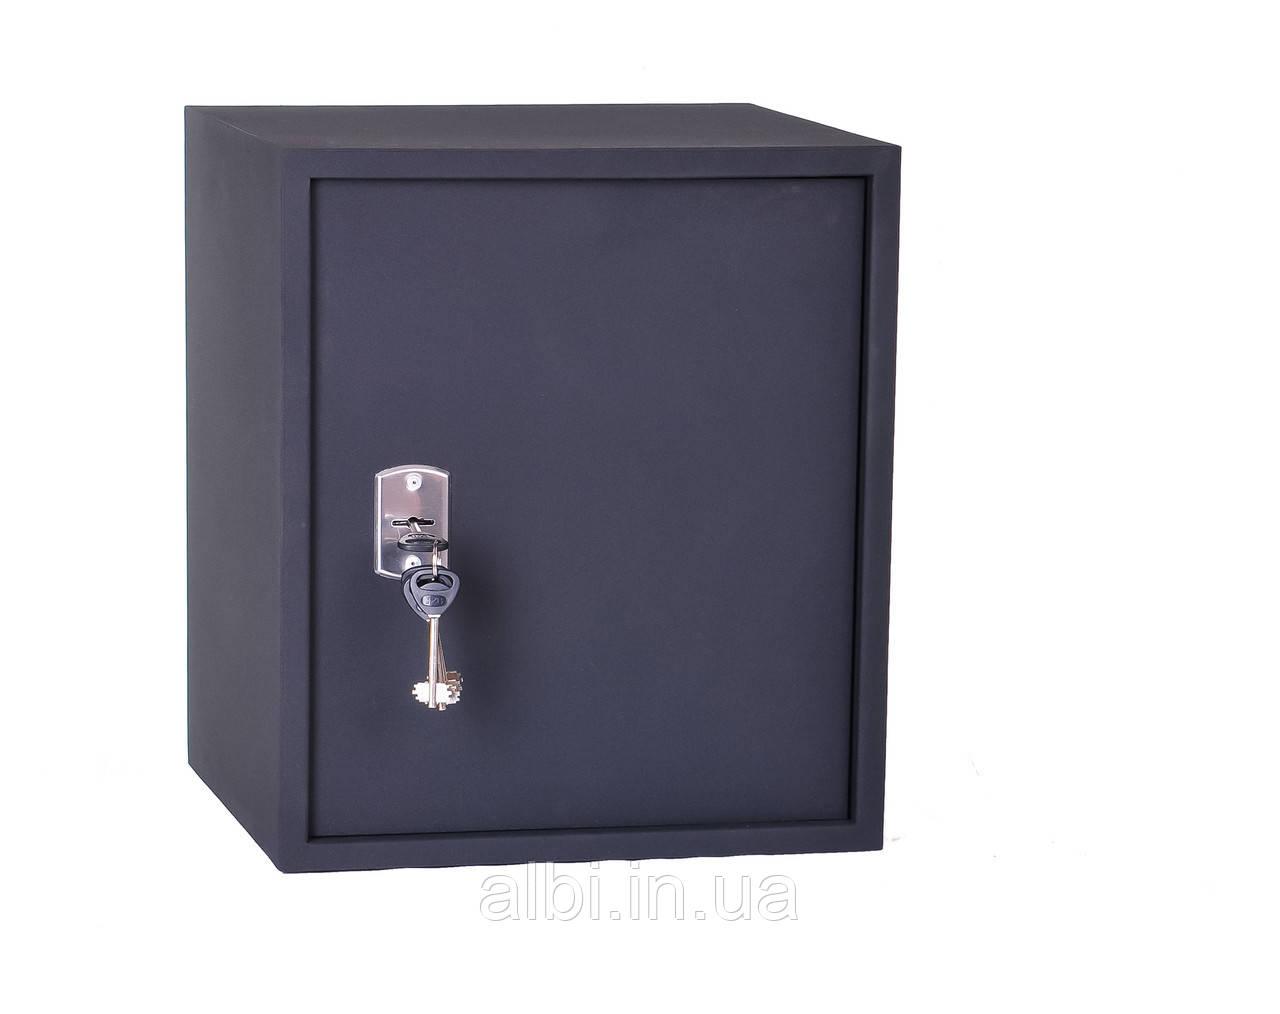 Мебельный сейф СМ -400